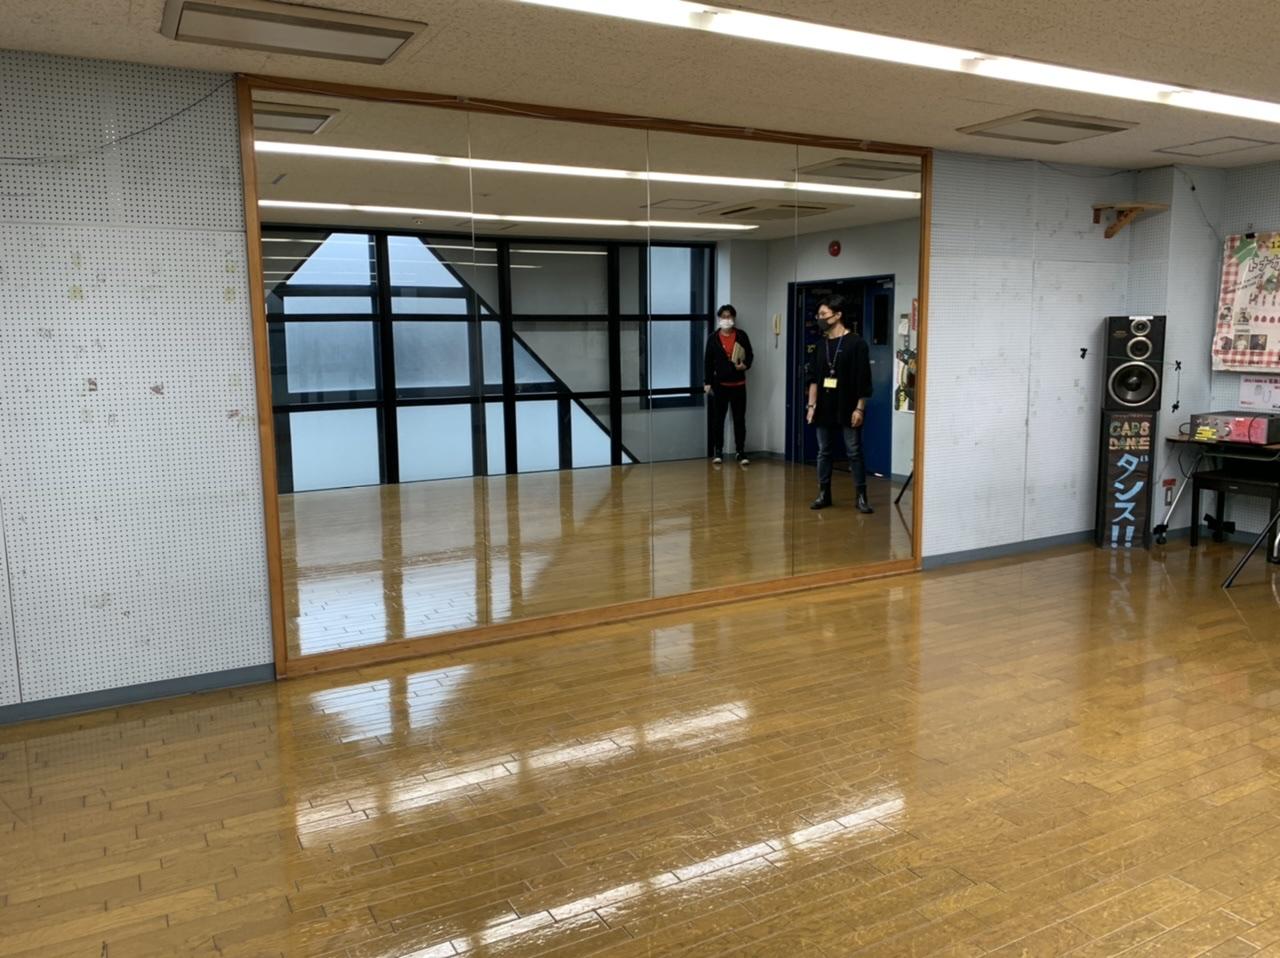 ダンススタジオの写真です